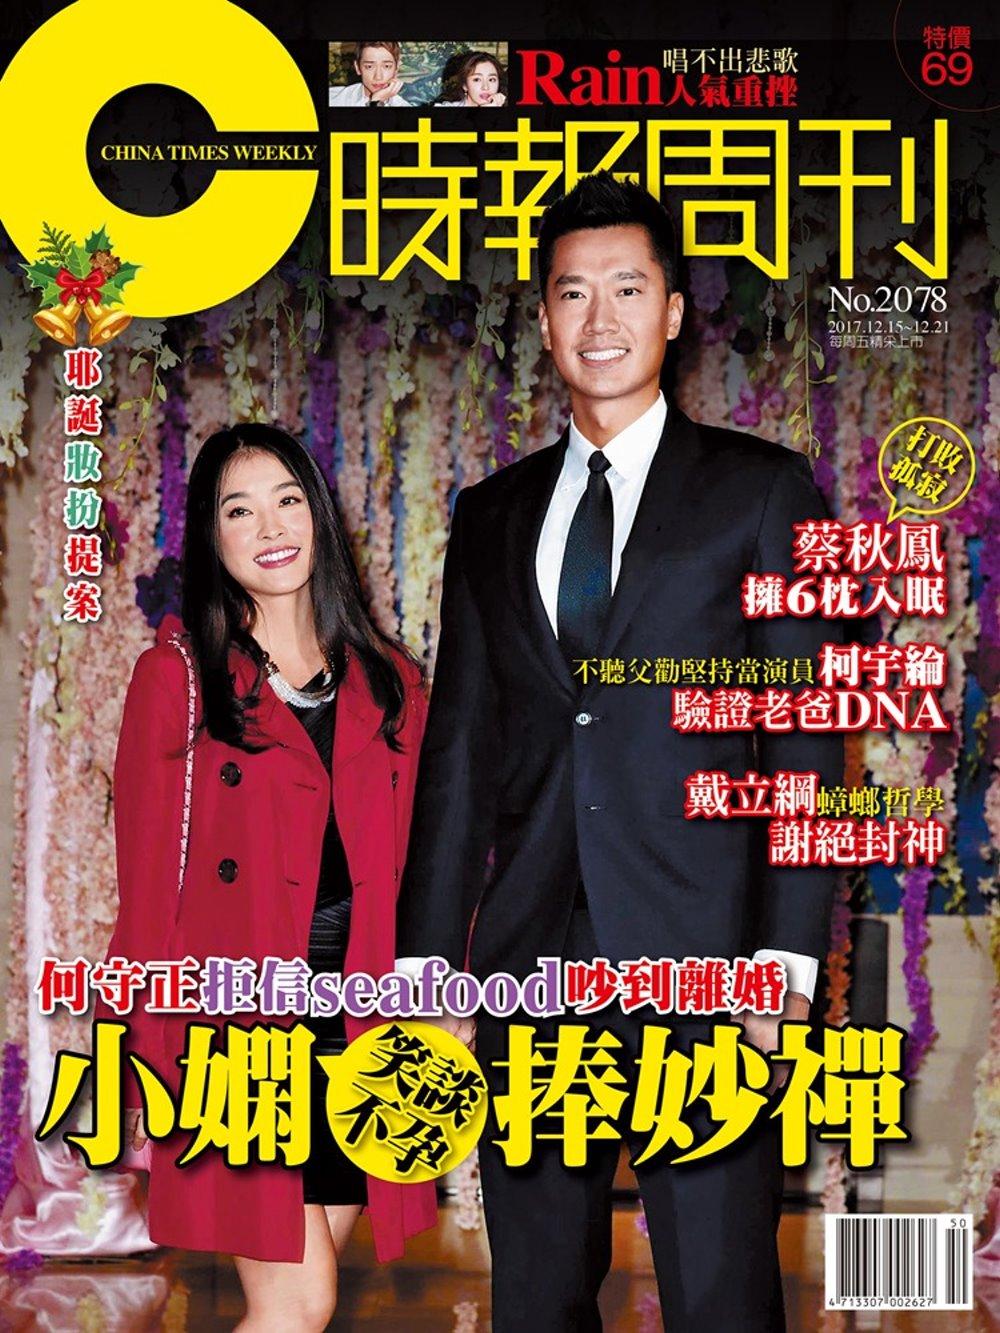 時報周刊 2017/12/15第2078期